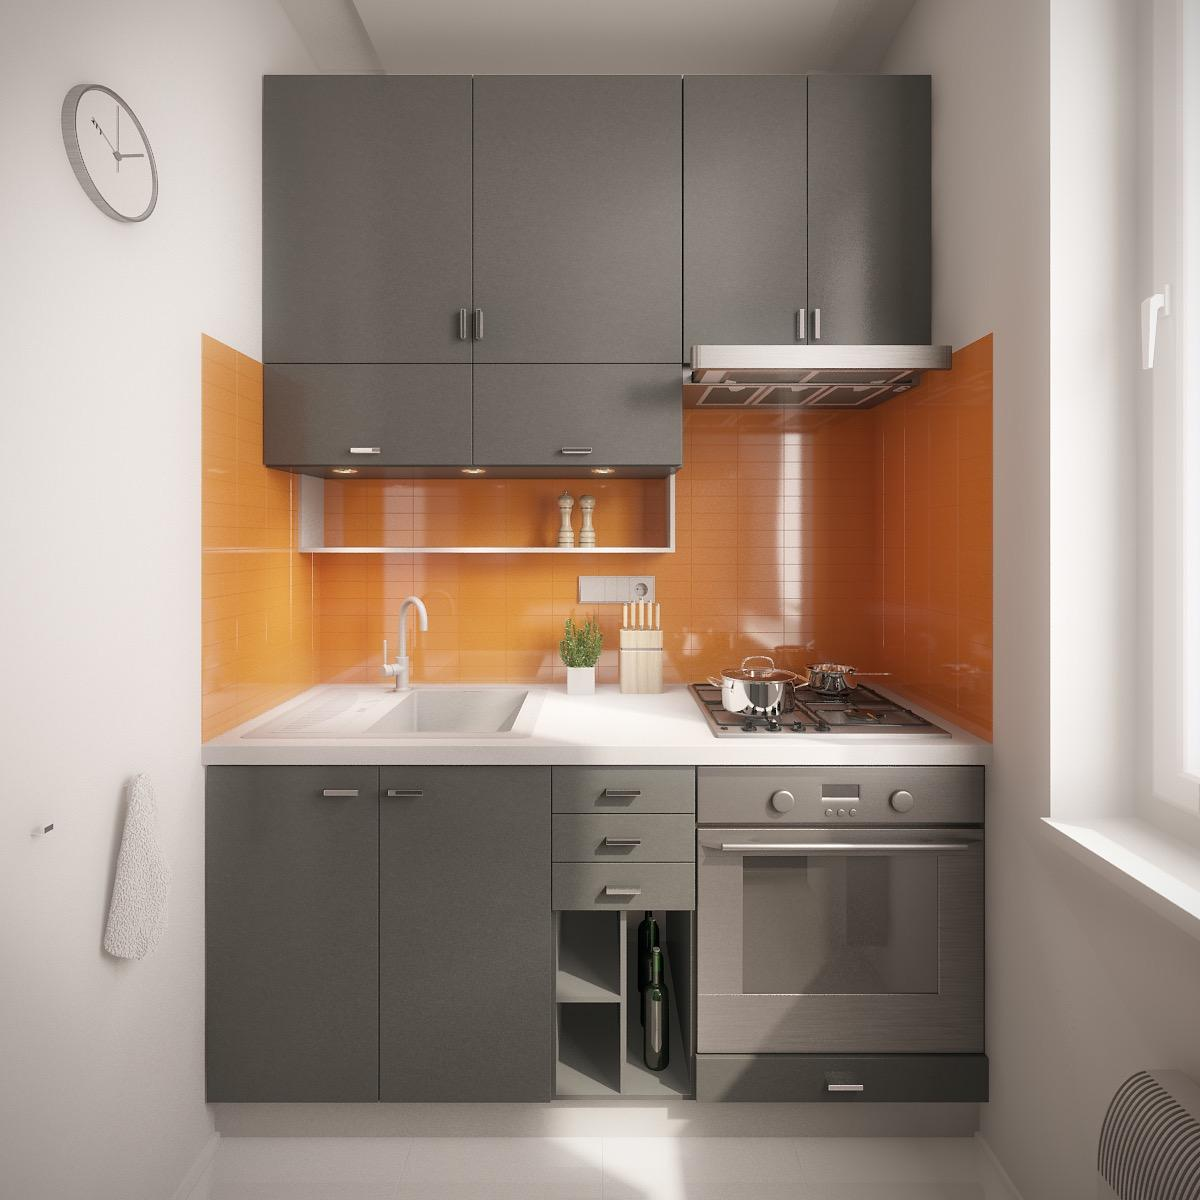 Thiết kế tủ bếp chữ i hiện đại với gam màu cam làm điểm nhấn cho phòng bếp